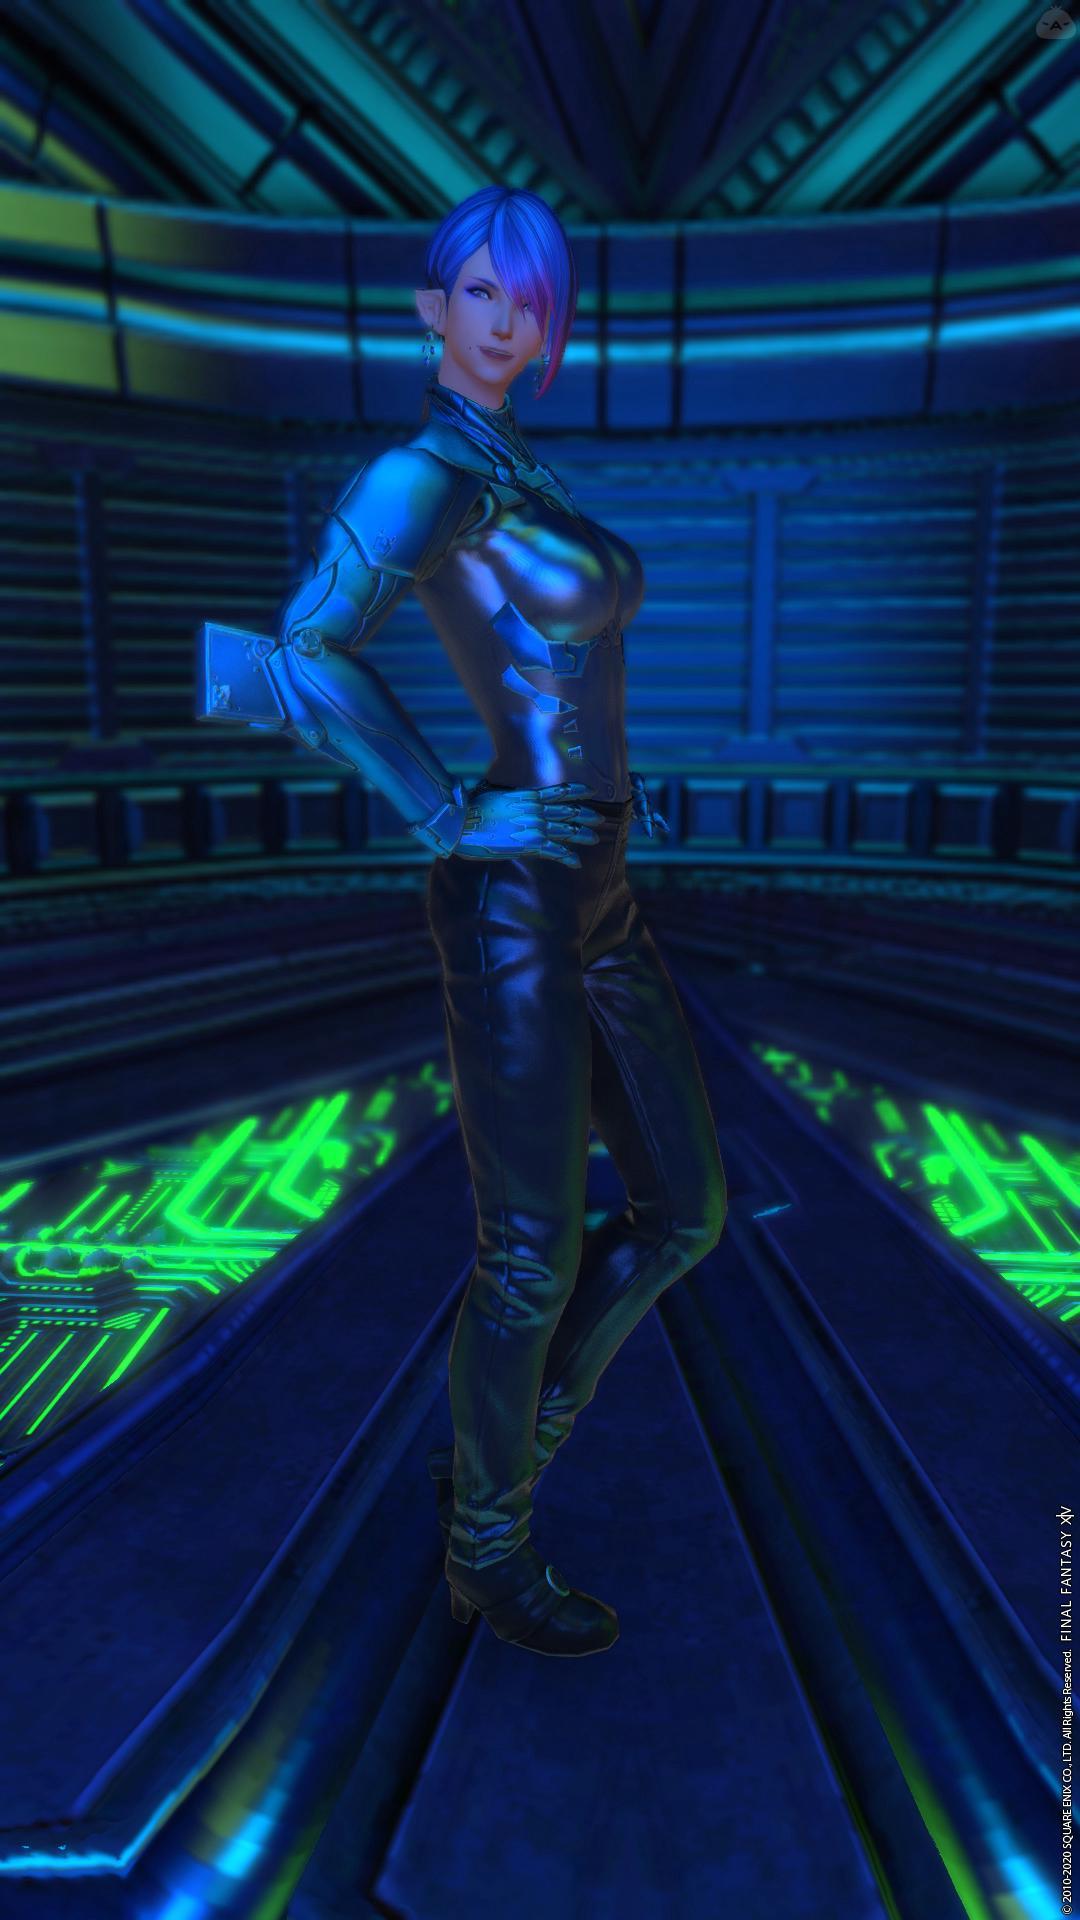 Like a Cyberpunk